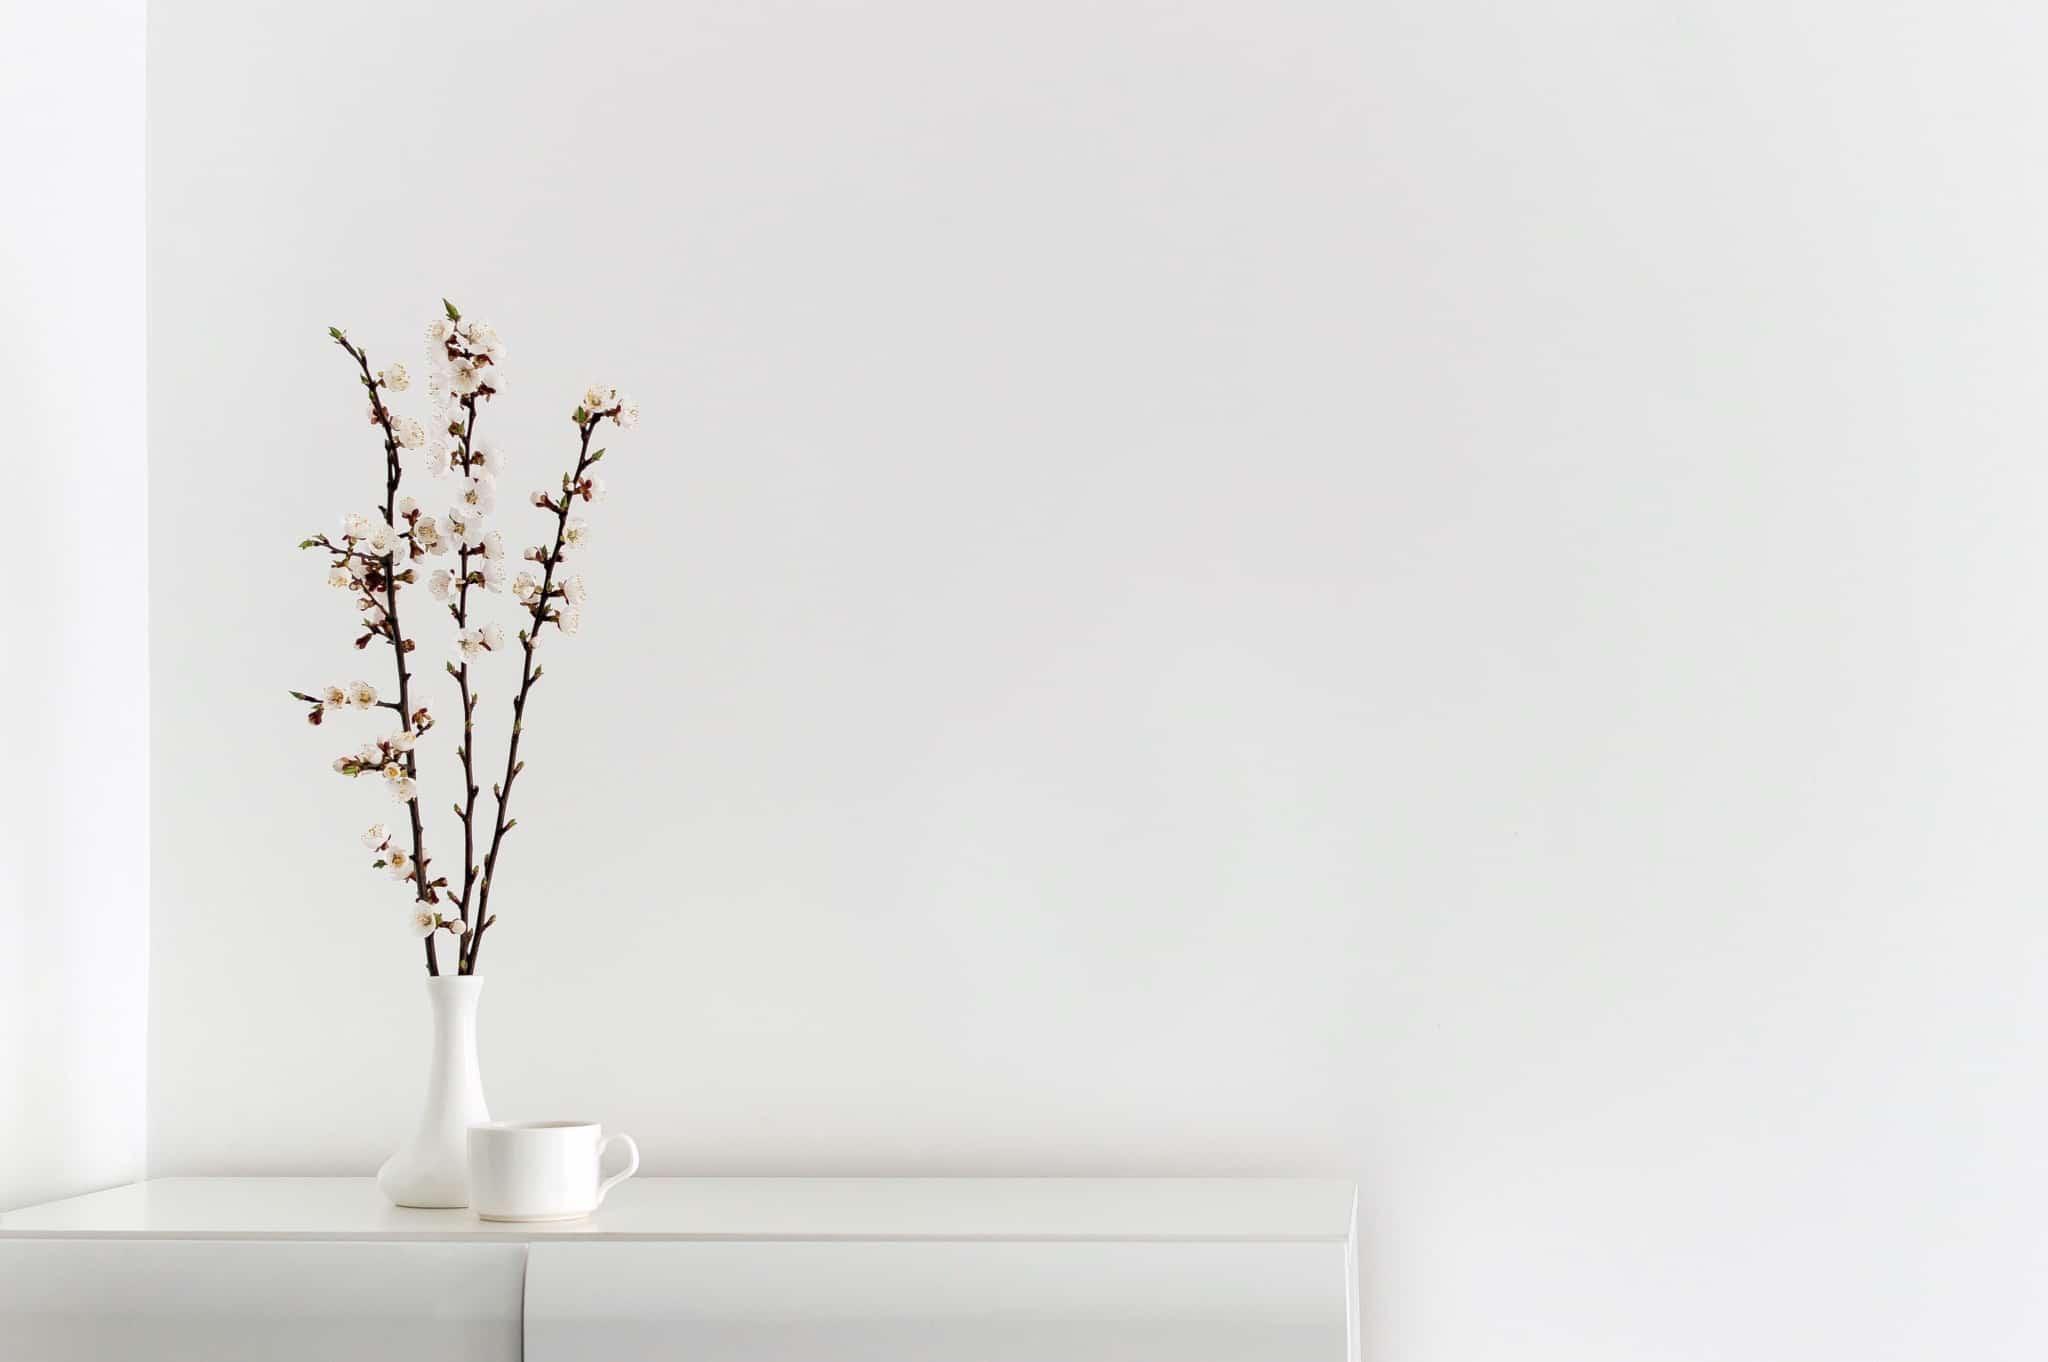 tendência minimalista uma parede branca e um vaso branco com flores